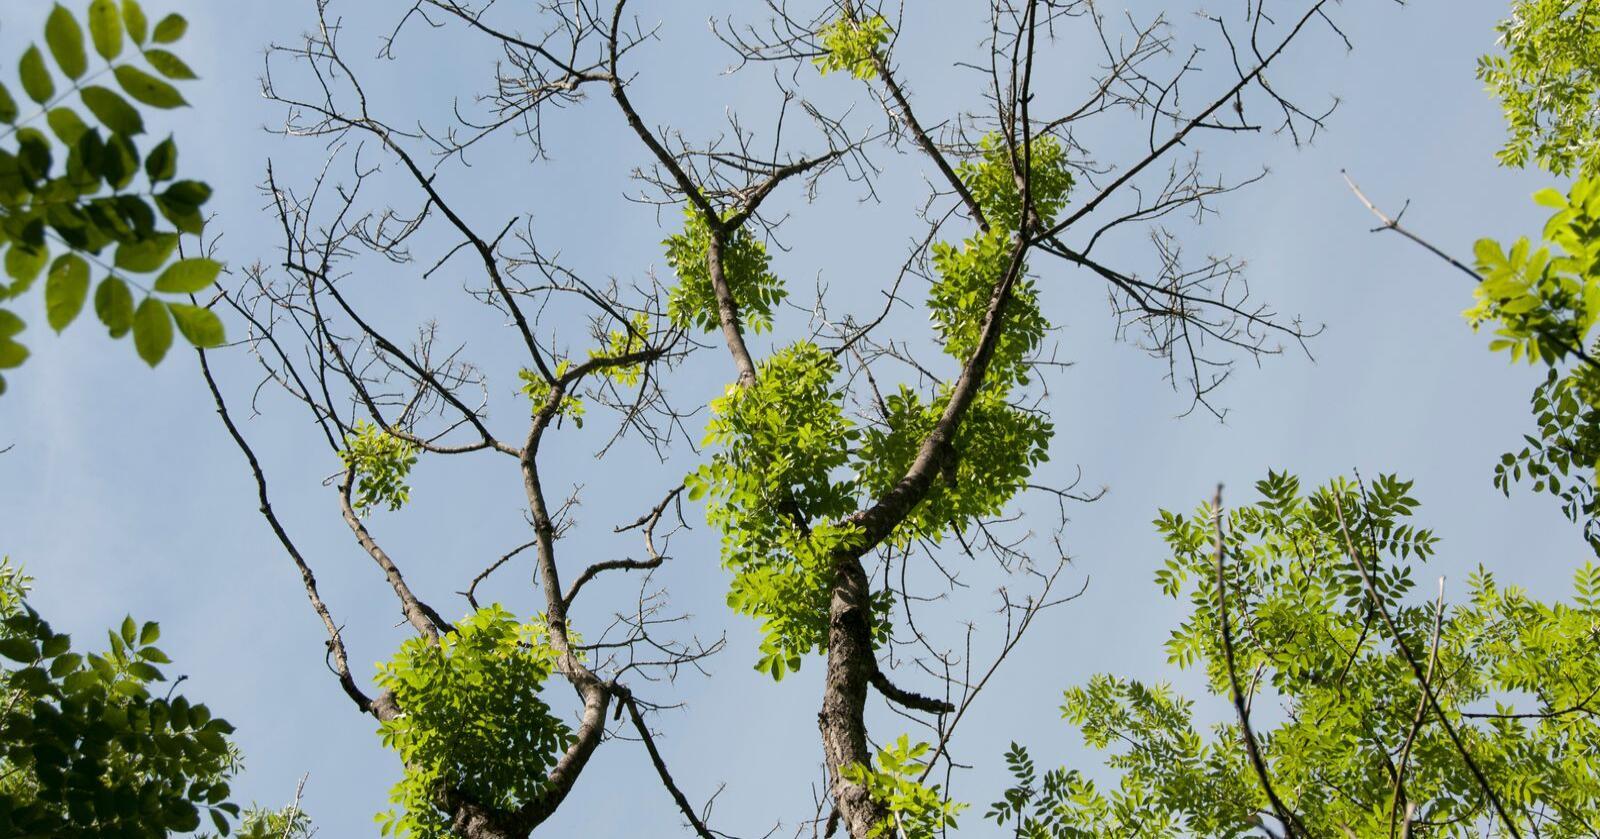 2020 vil være et nøkkelår for biodiversitet/biomangfold, mener EU-parlamentet, som torsdag vedtok mer forpliktende mål for dette politikkområdet. Foto: Volkmar Timmermann/Skog og land